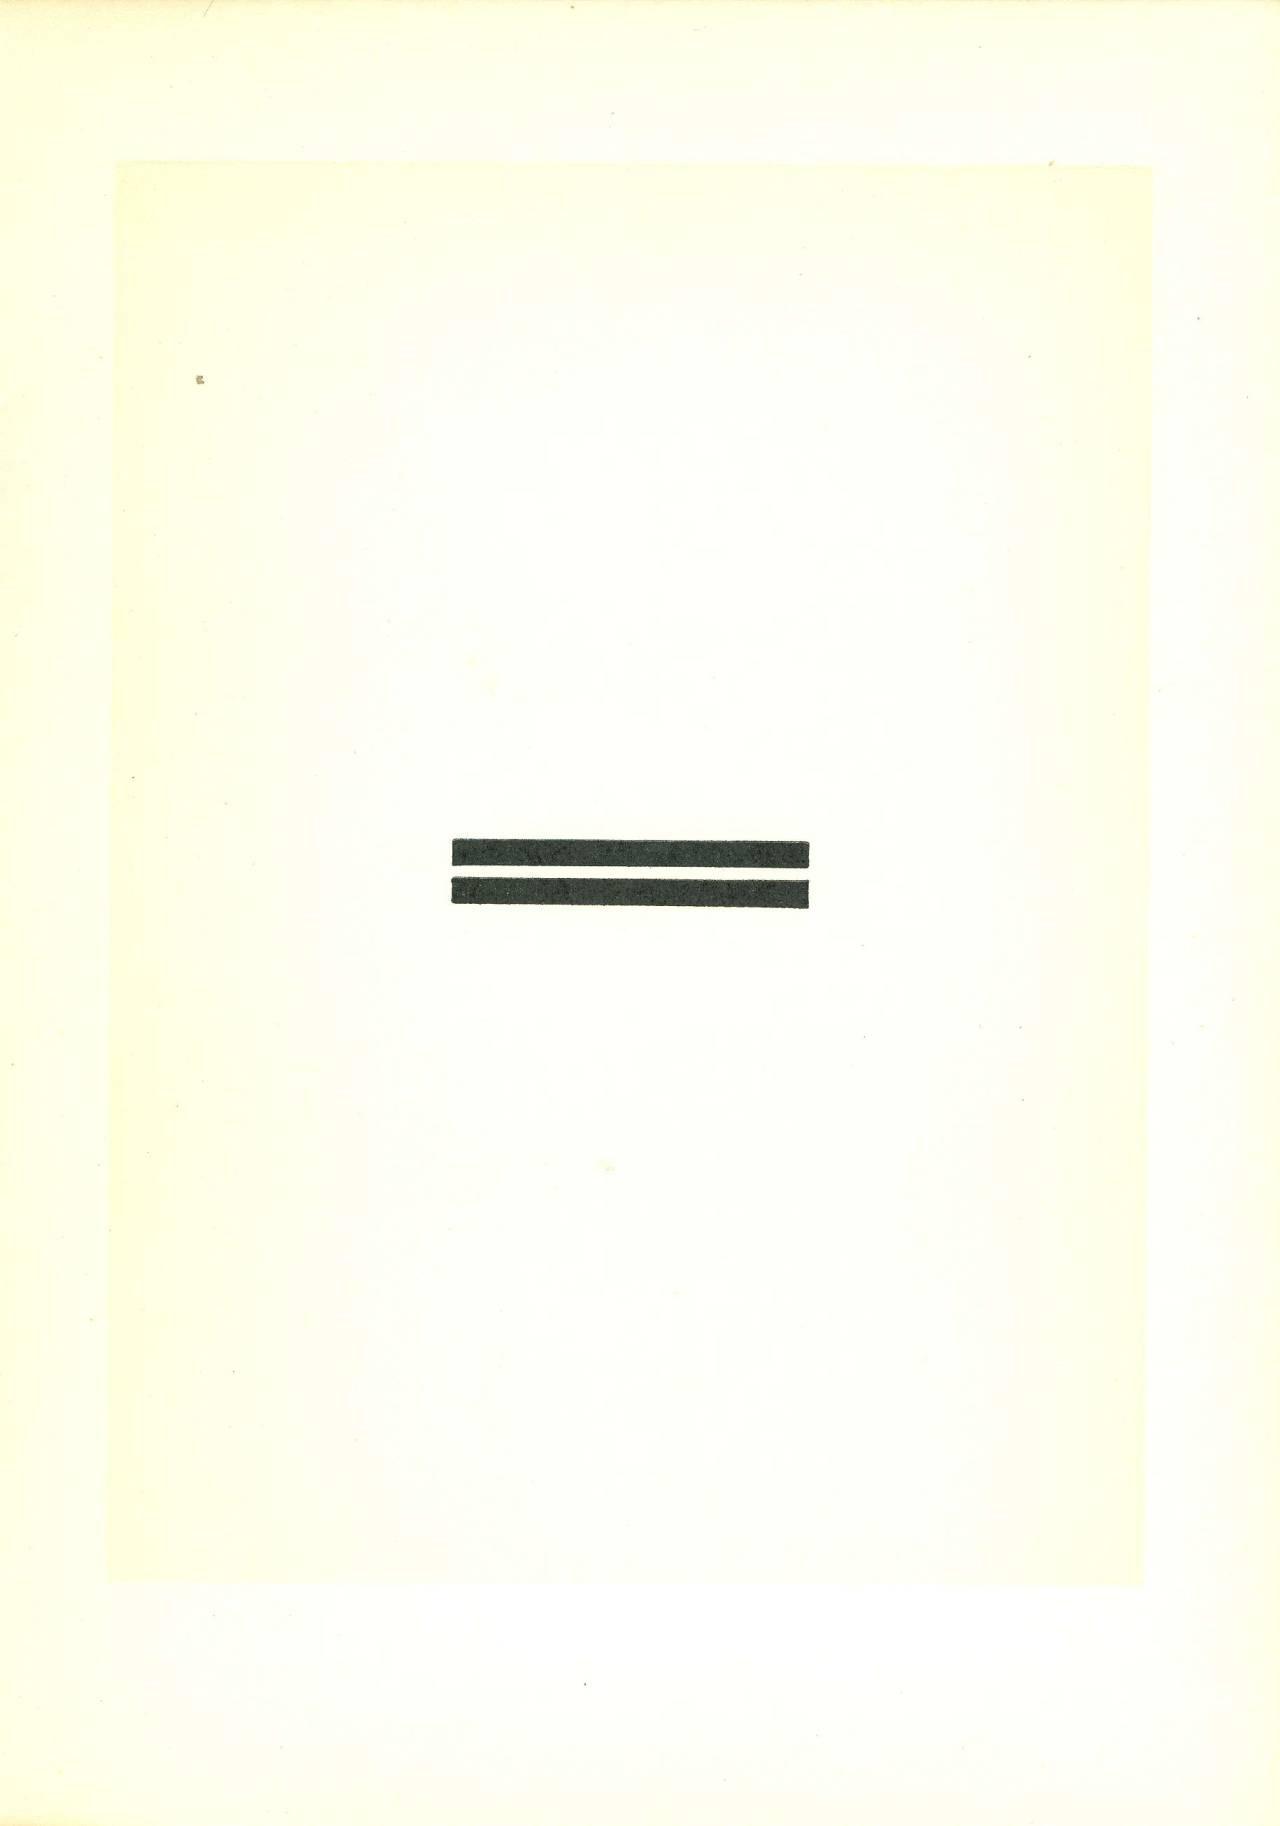 [197] Carles Ameller. Cossos Paral·les. Barcelona: Carles Camps i Mundó, Xavier Franquesa Llopart, Jordi Pablo Grau, Santi Pau Bertrán, Salvador Saura Martí, Francesc Torres Iturrioz, 1973; s/p